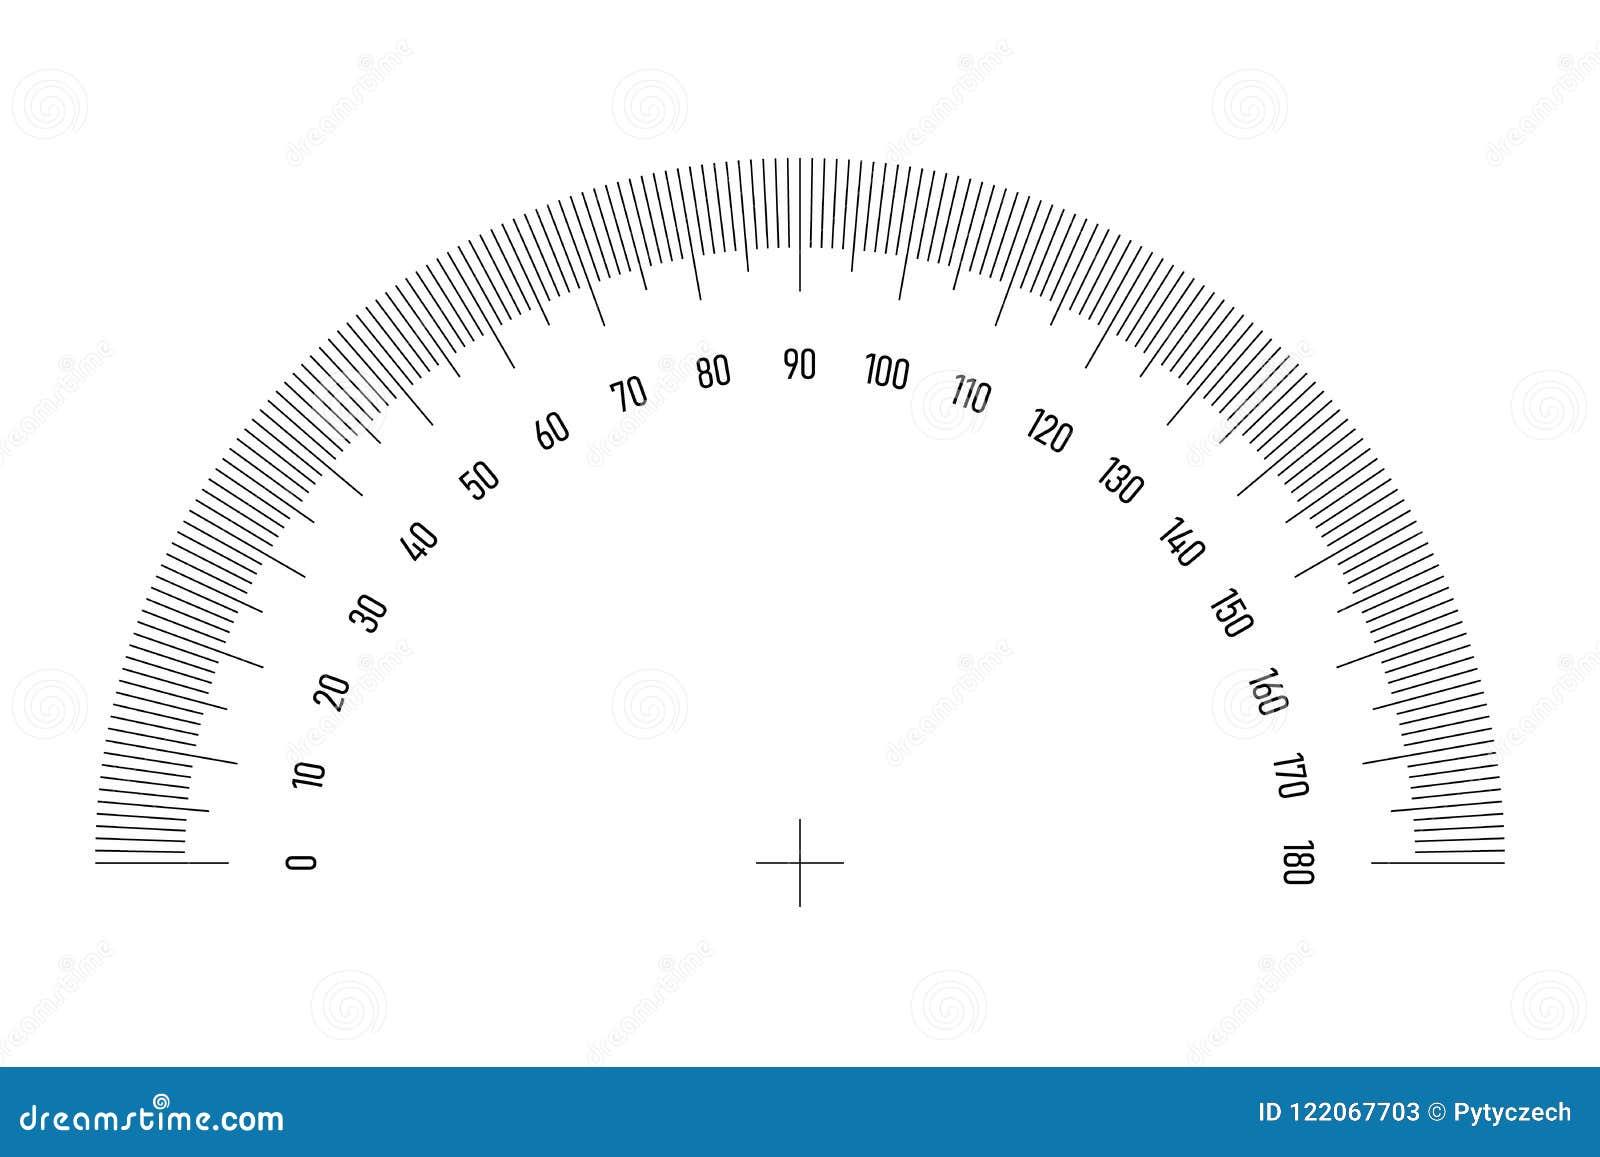 winkelmessergitter für messenden winkel oder neigung 180 grad skala